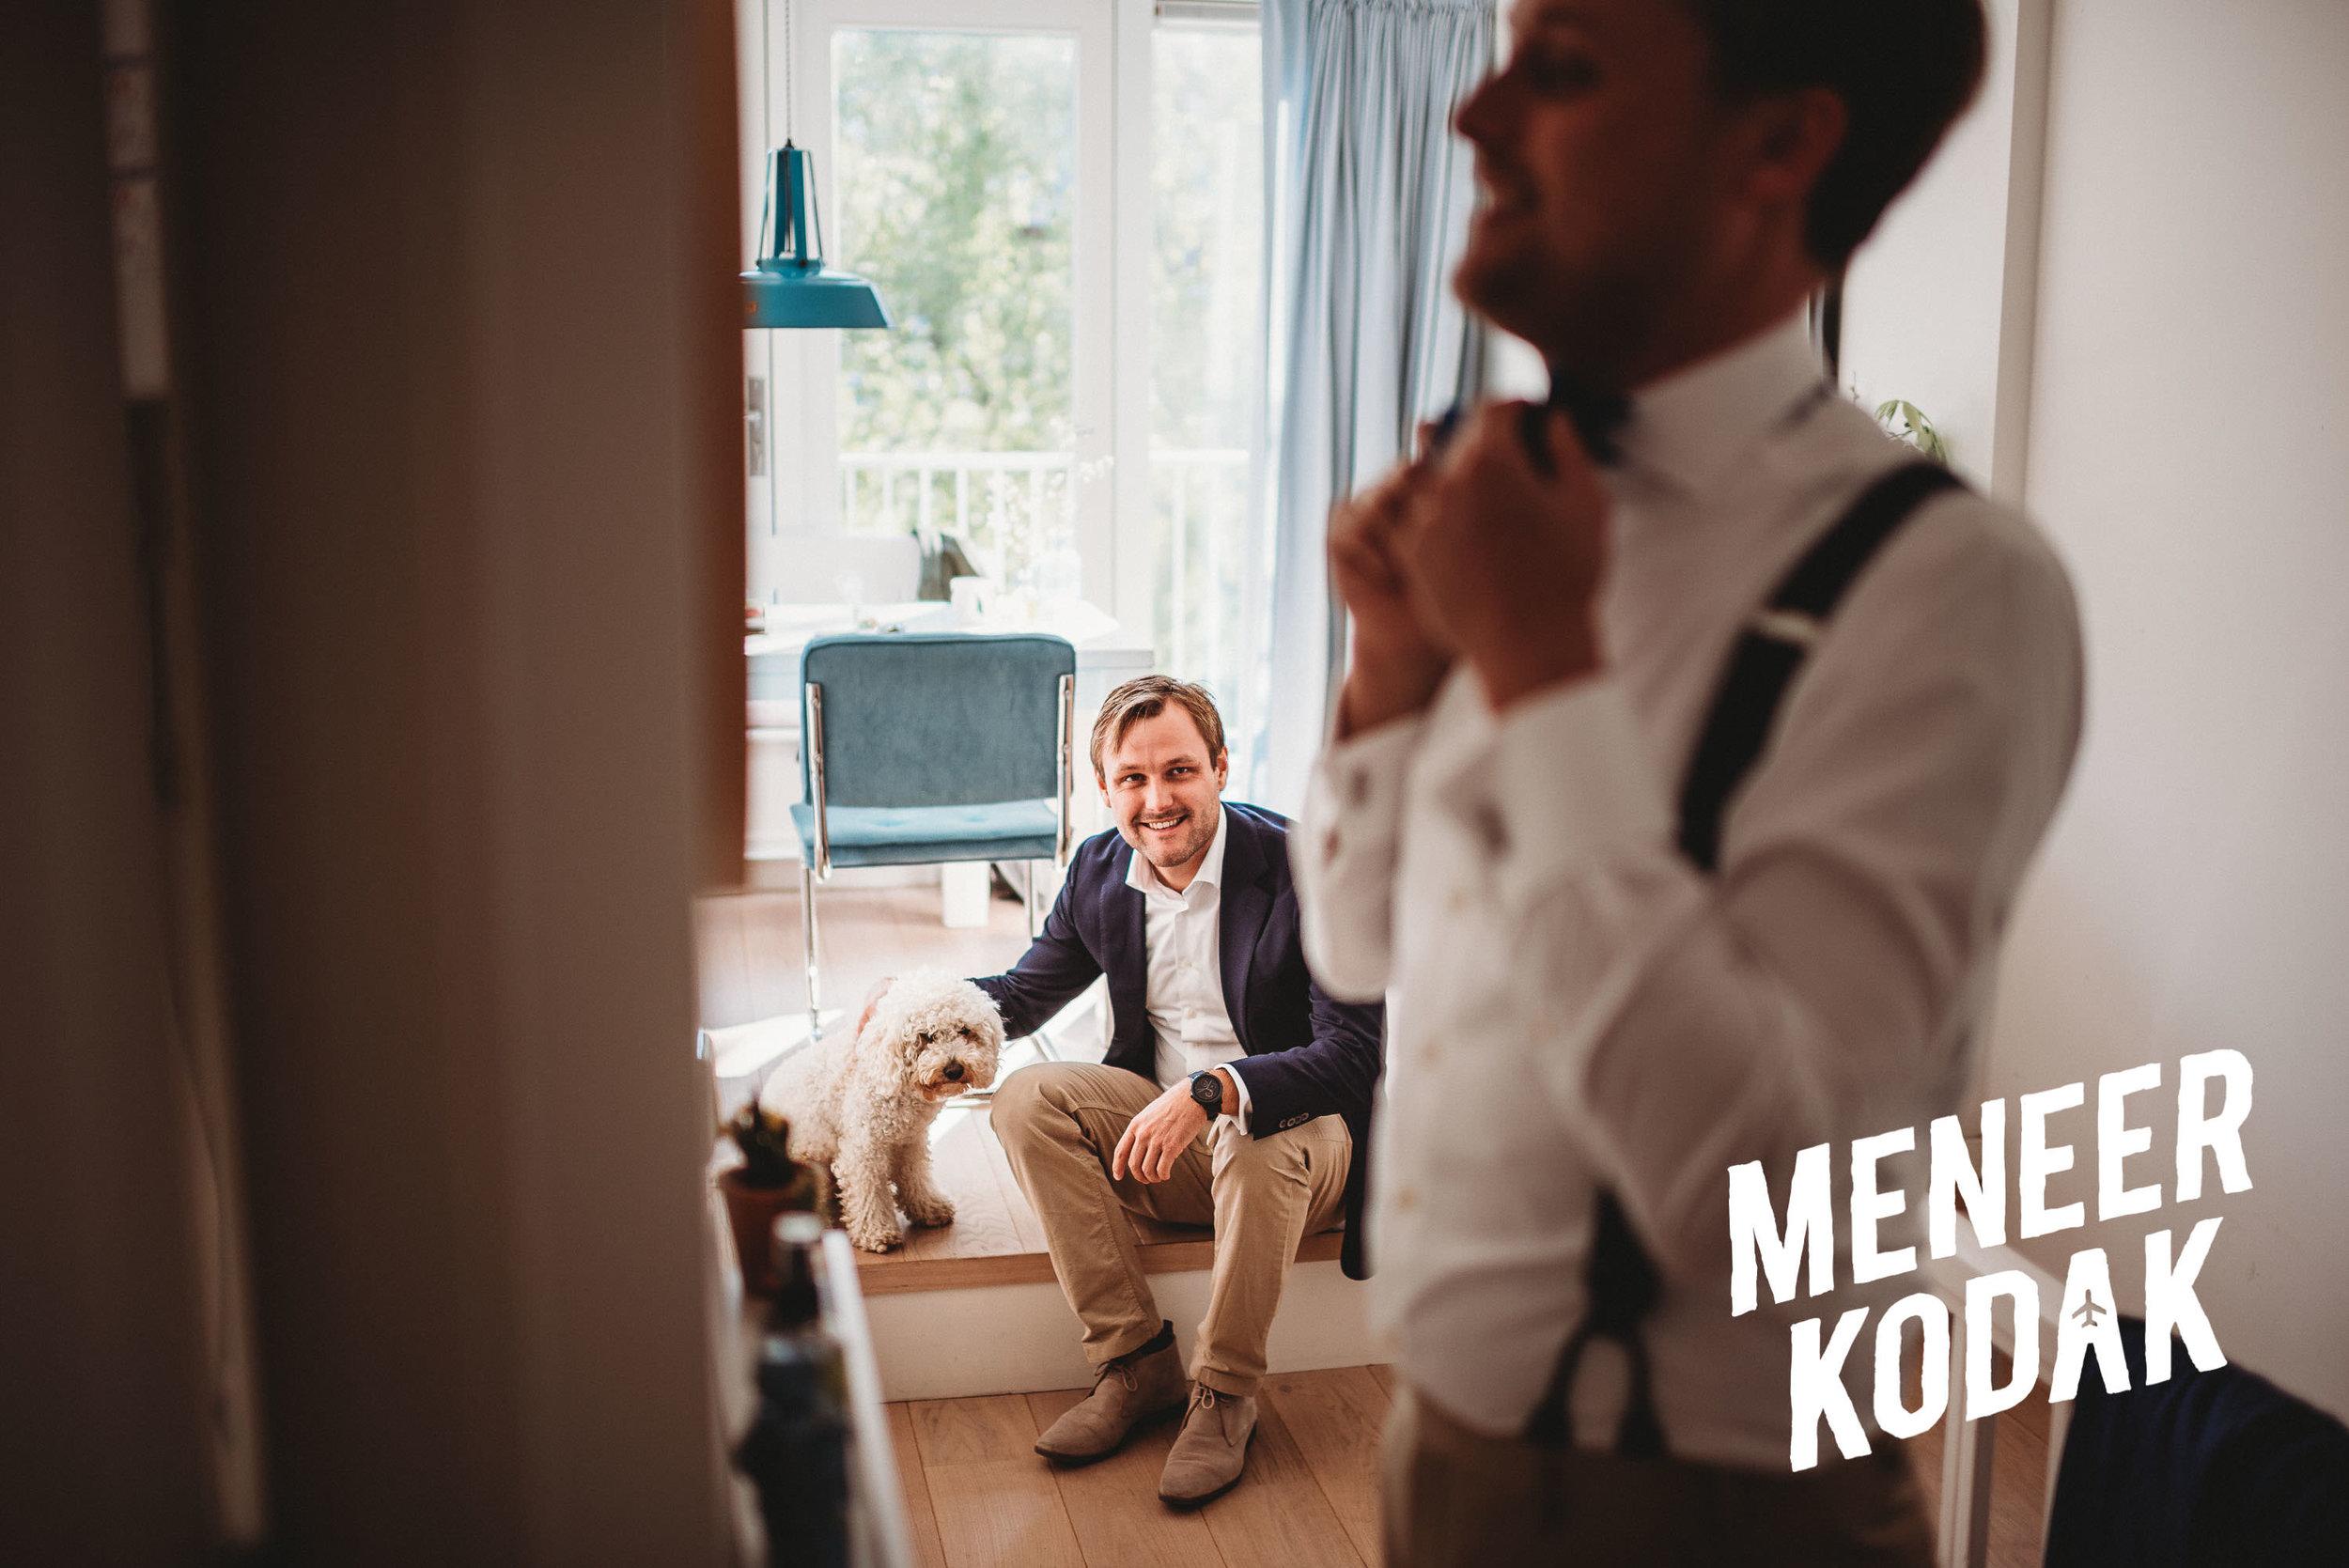 Meneer Kodak - Bruidsfotograaf - Amsterdam - M&J-002.jpg